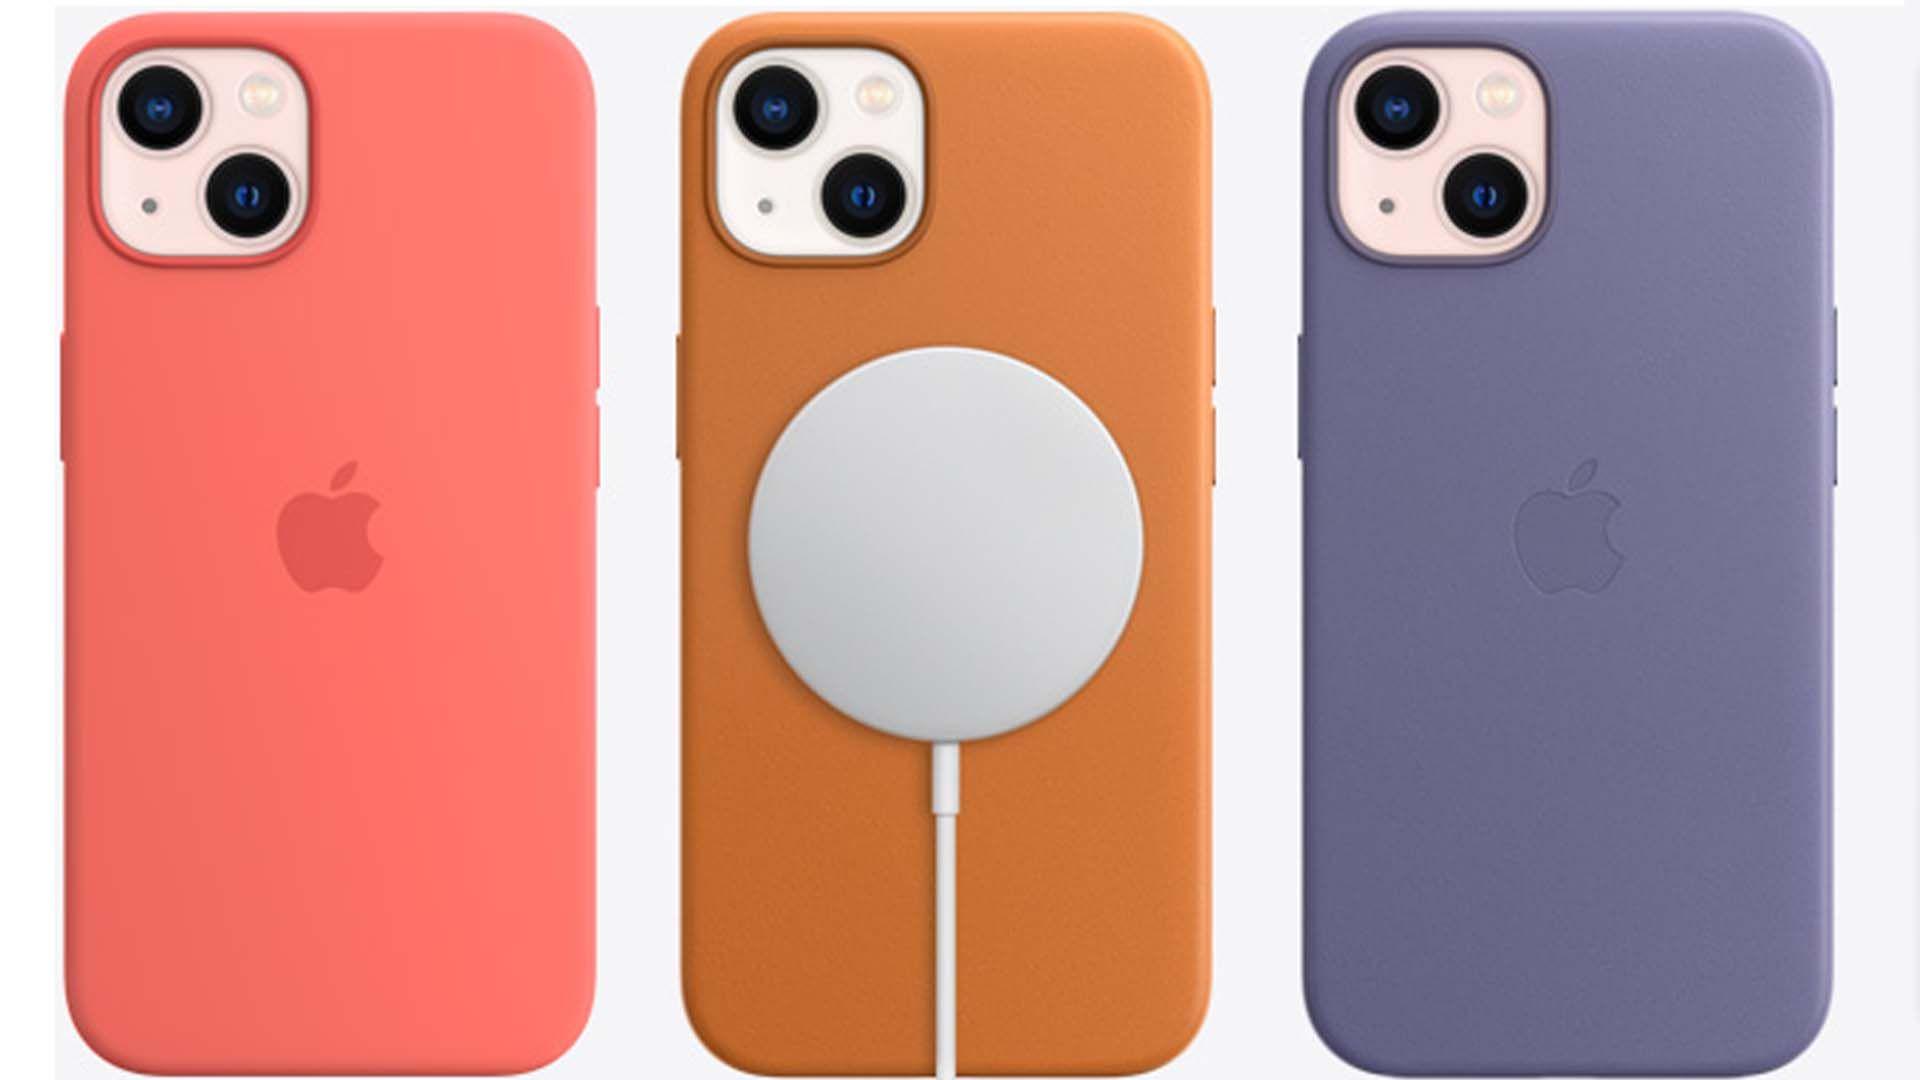 Imagem de três modelos do iPhone 13 Mini, sendo um deles com o carregamento MagSafe.